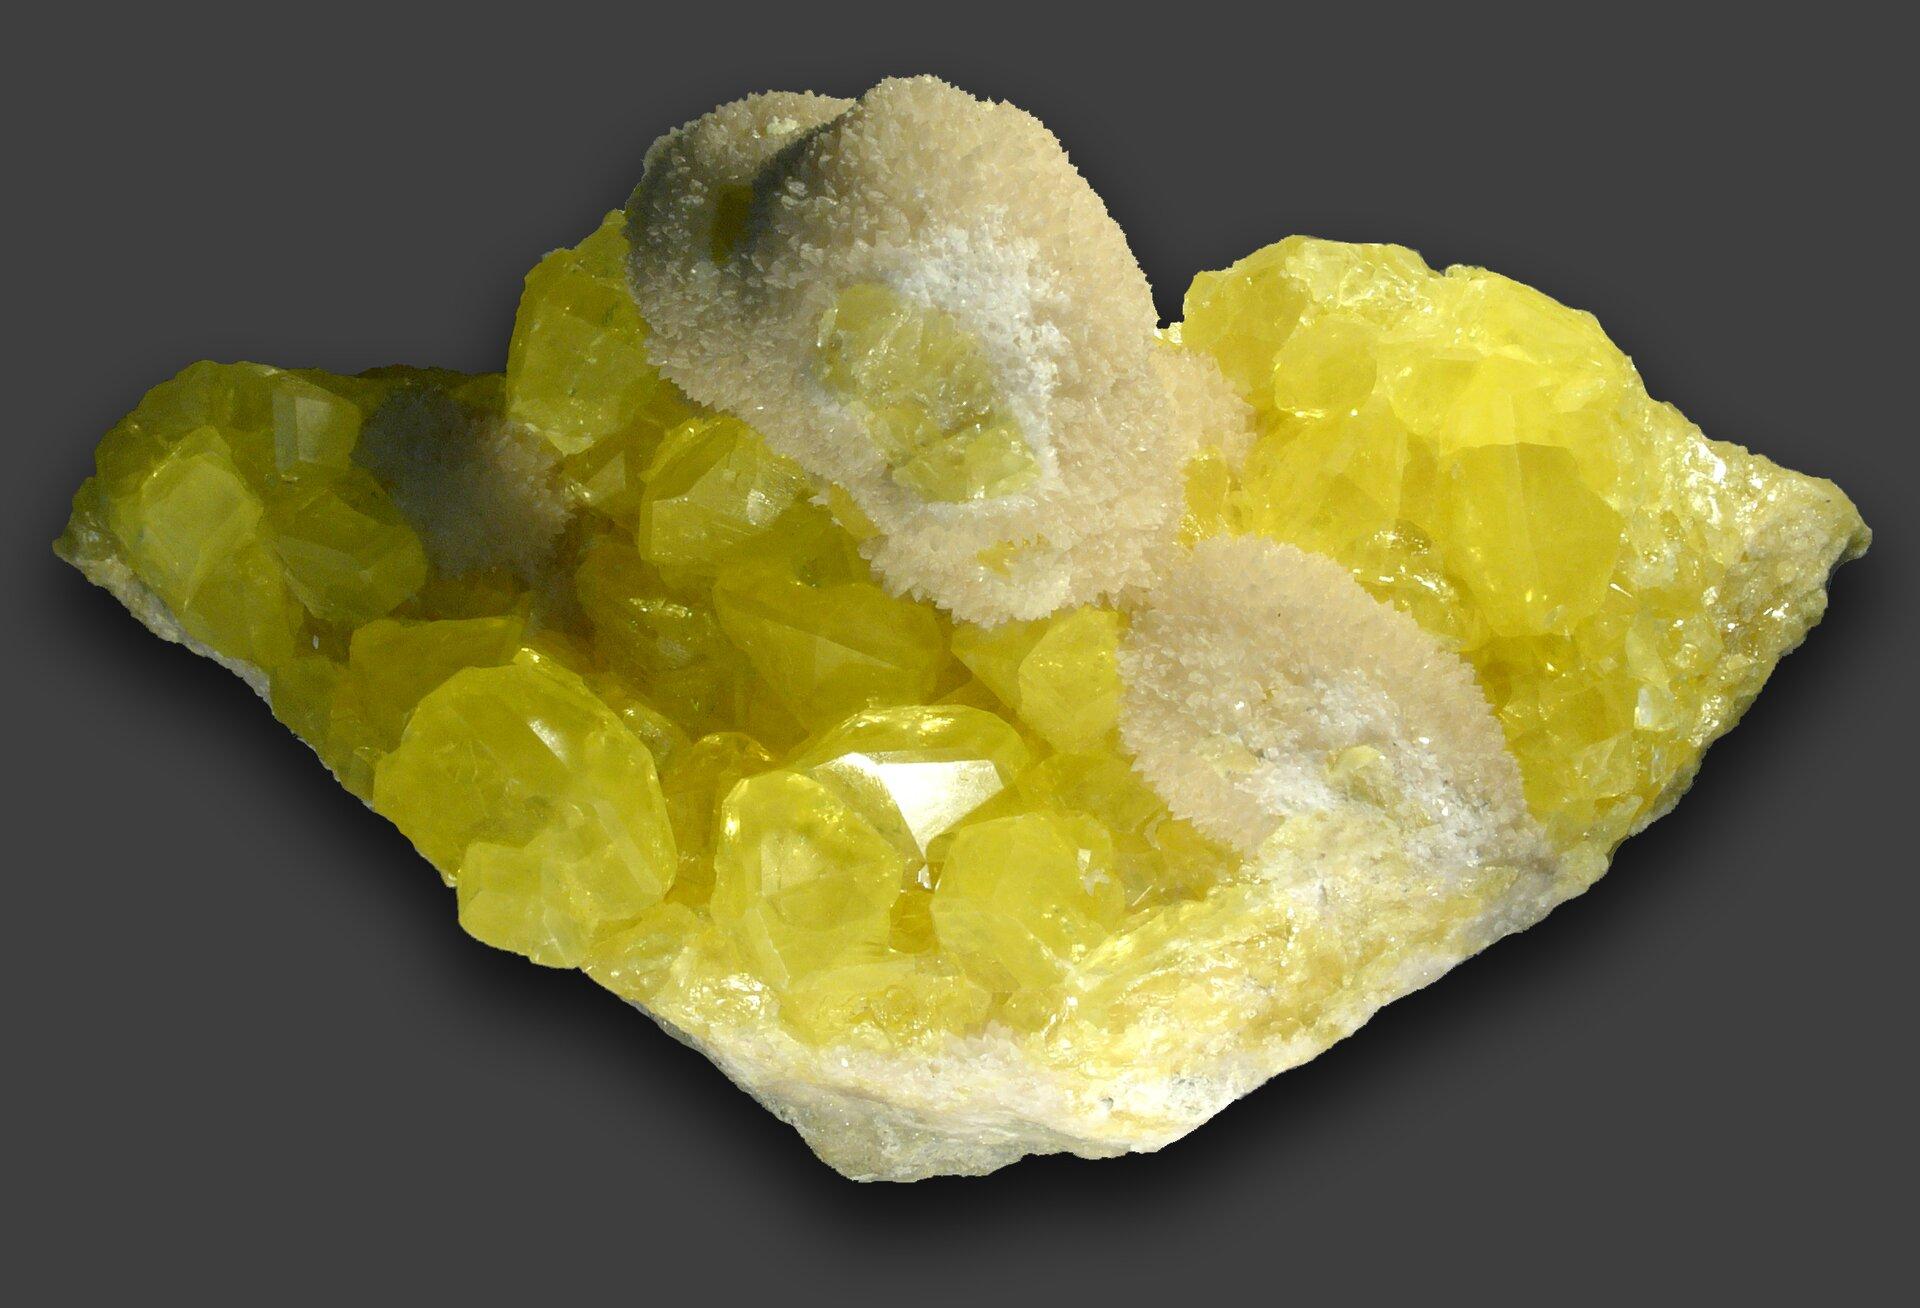 Zdjęcie przedstawia odłamek żółtej siarki składający się zwiększych imniejszych kryształów.